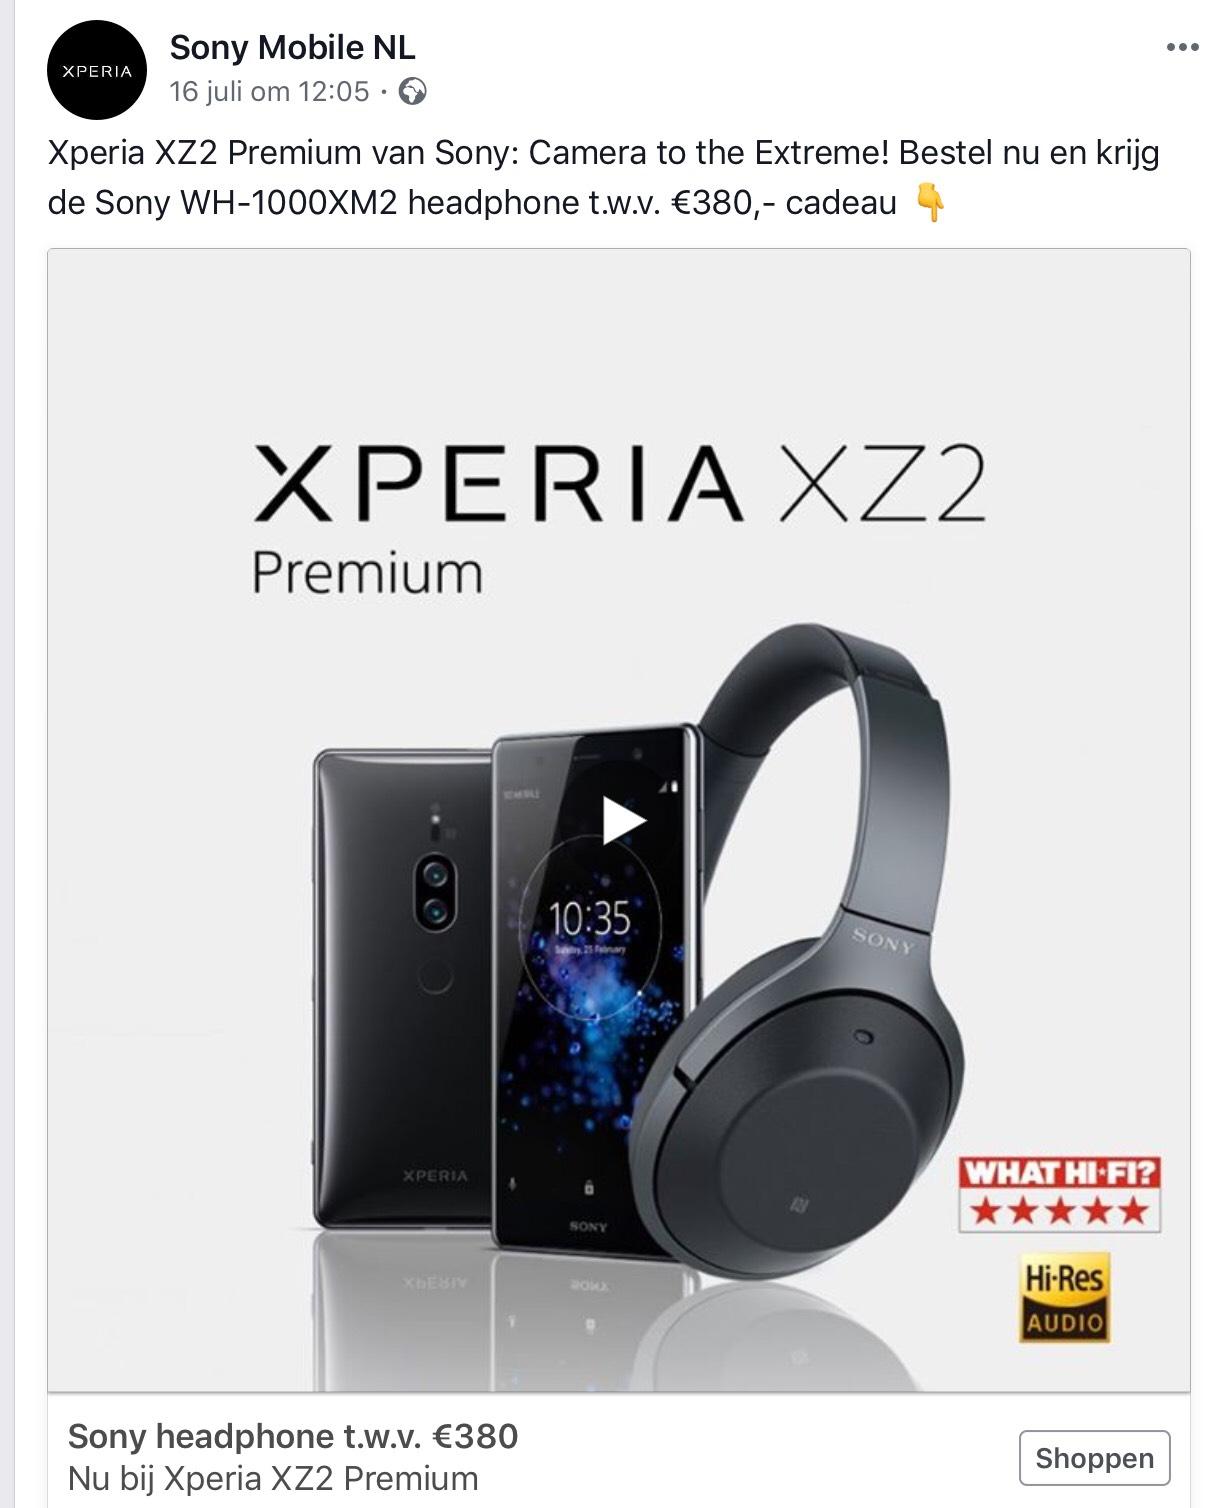 Gratis Koptelefoon bij aankoop Sony XZ2 Premium Smartphone